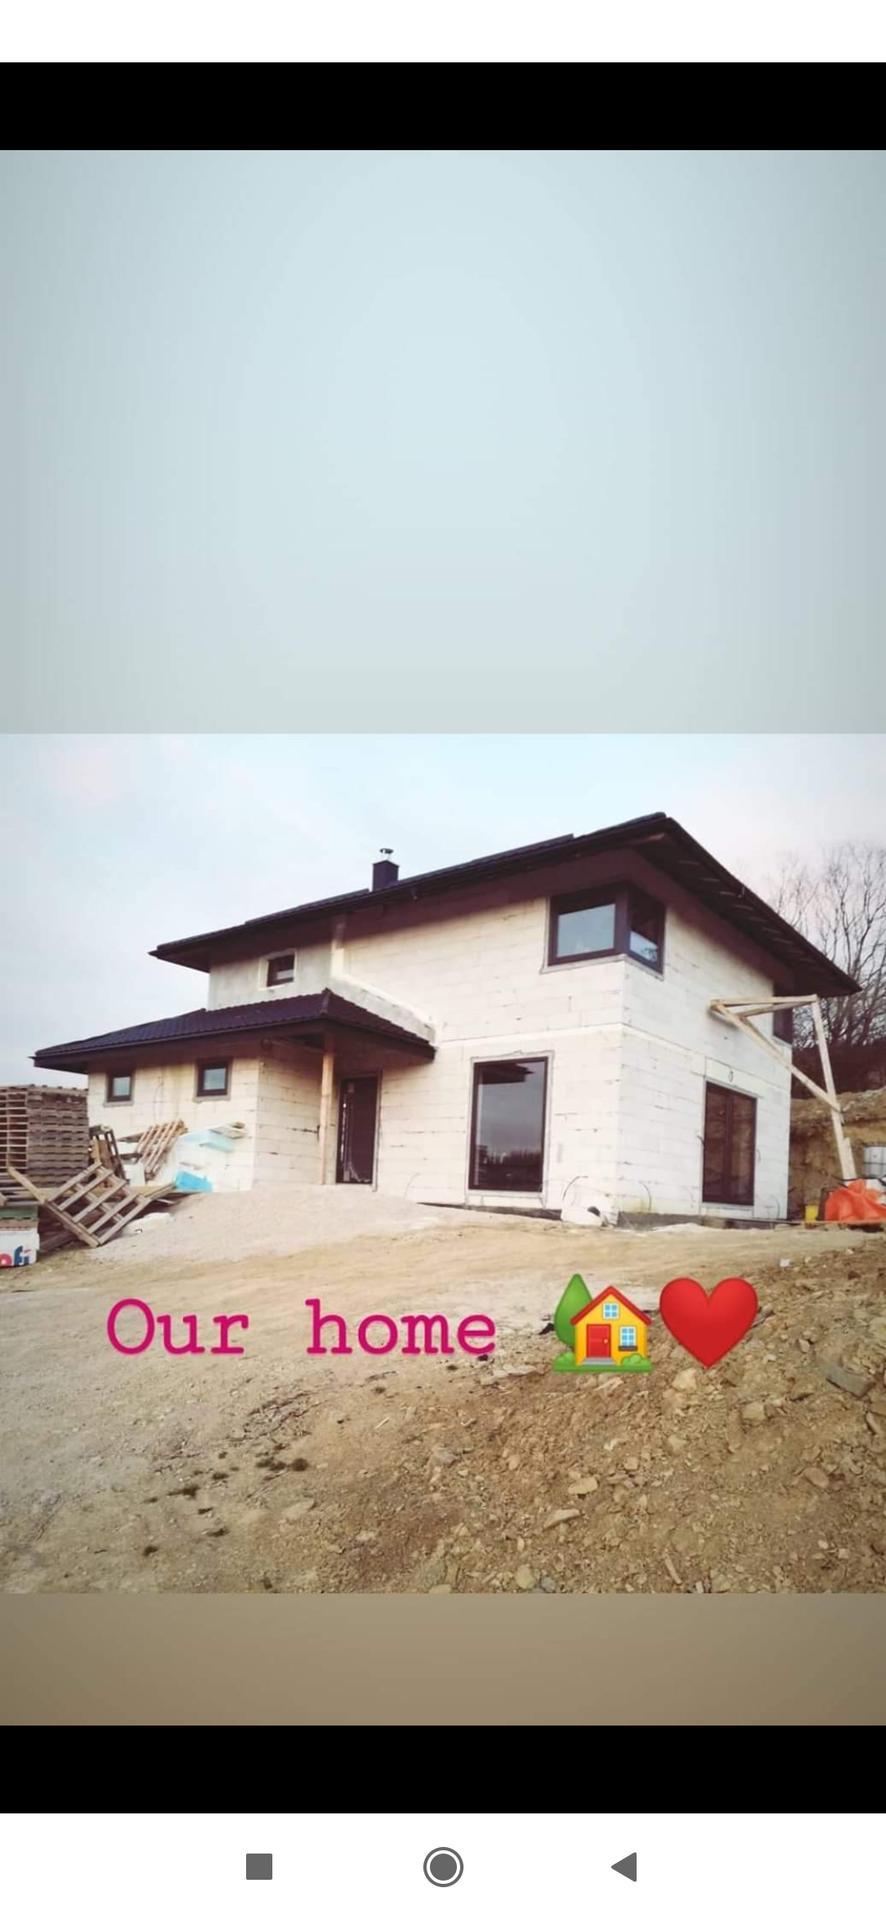 Náš domček ❤️🏡 - Obrázok č. 55